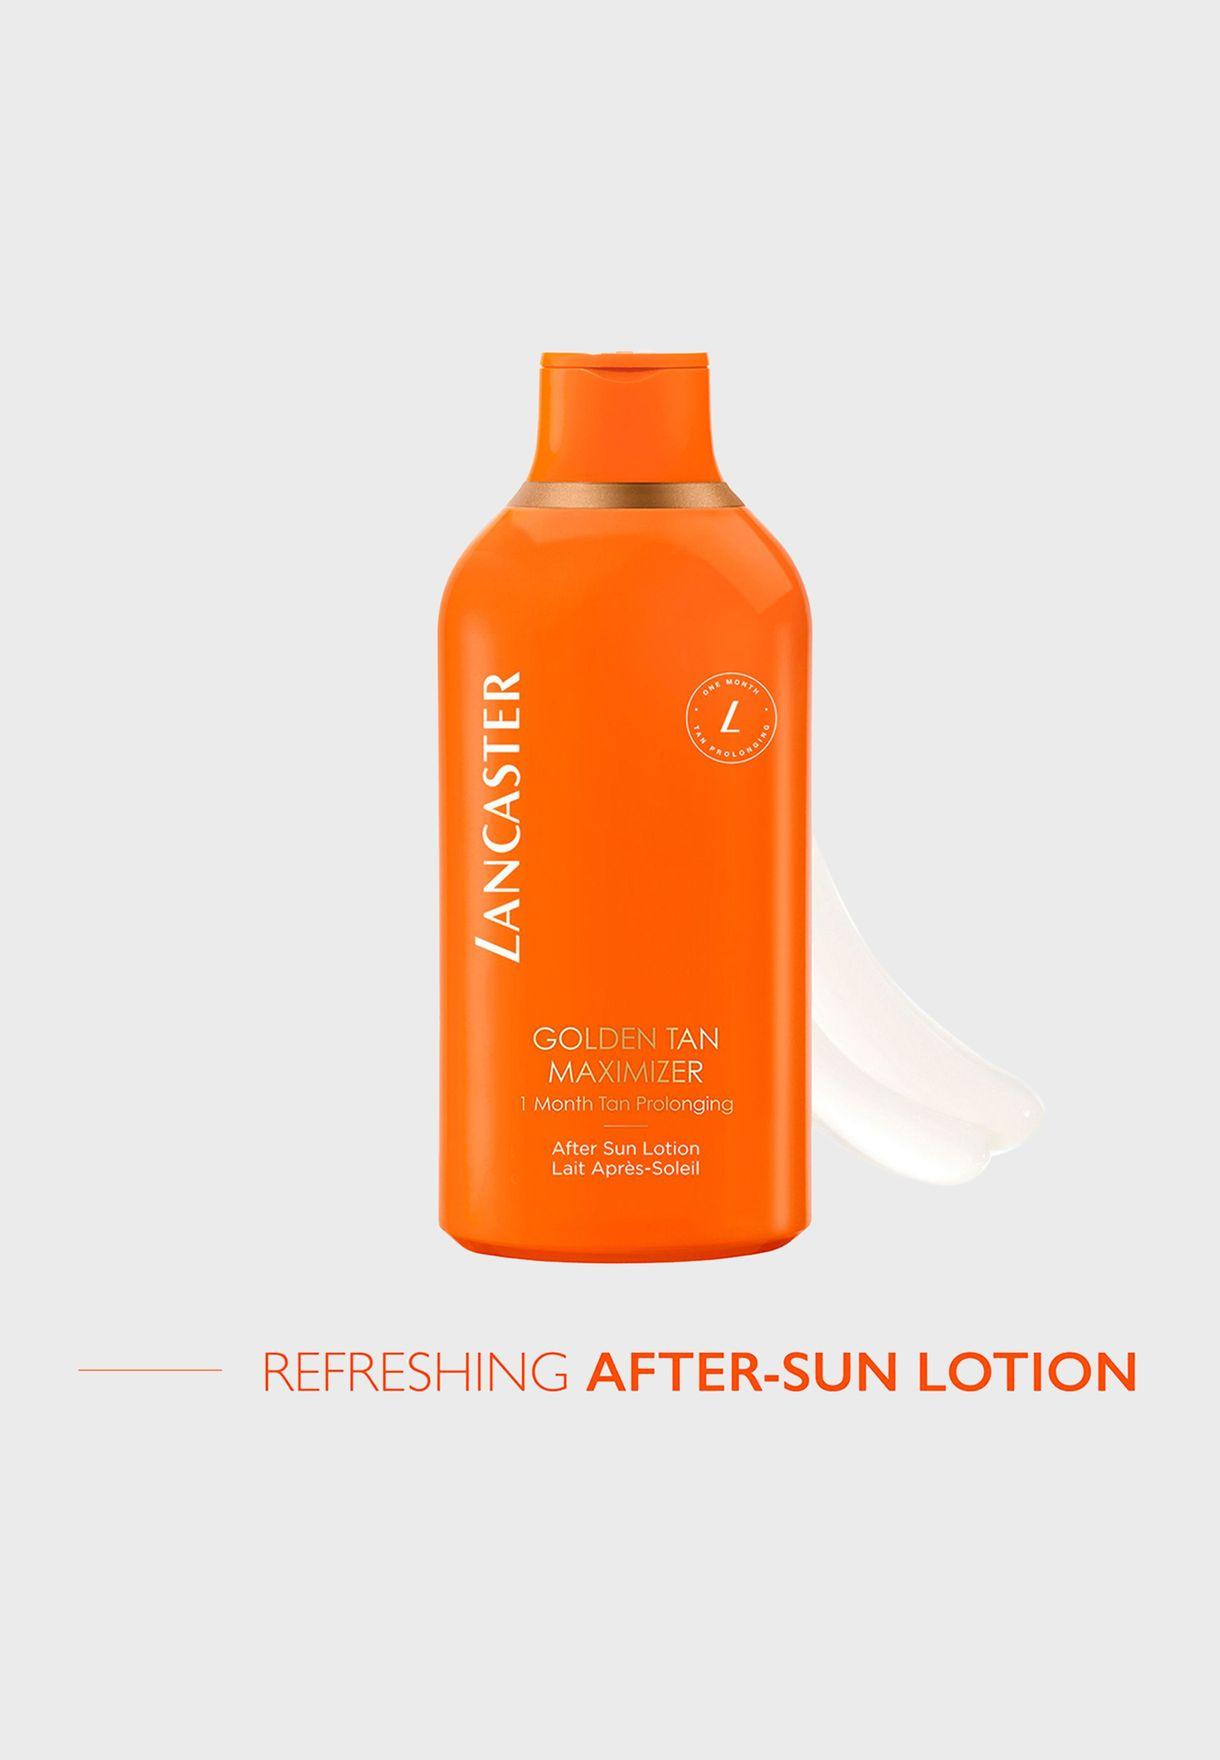 Golden Tan Maximizer - After Sun Lotion 400Ml